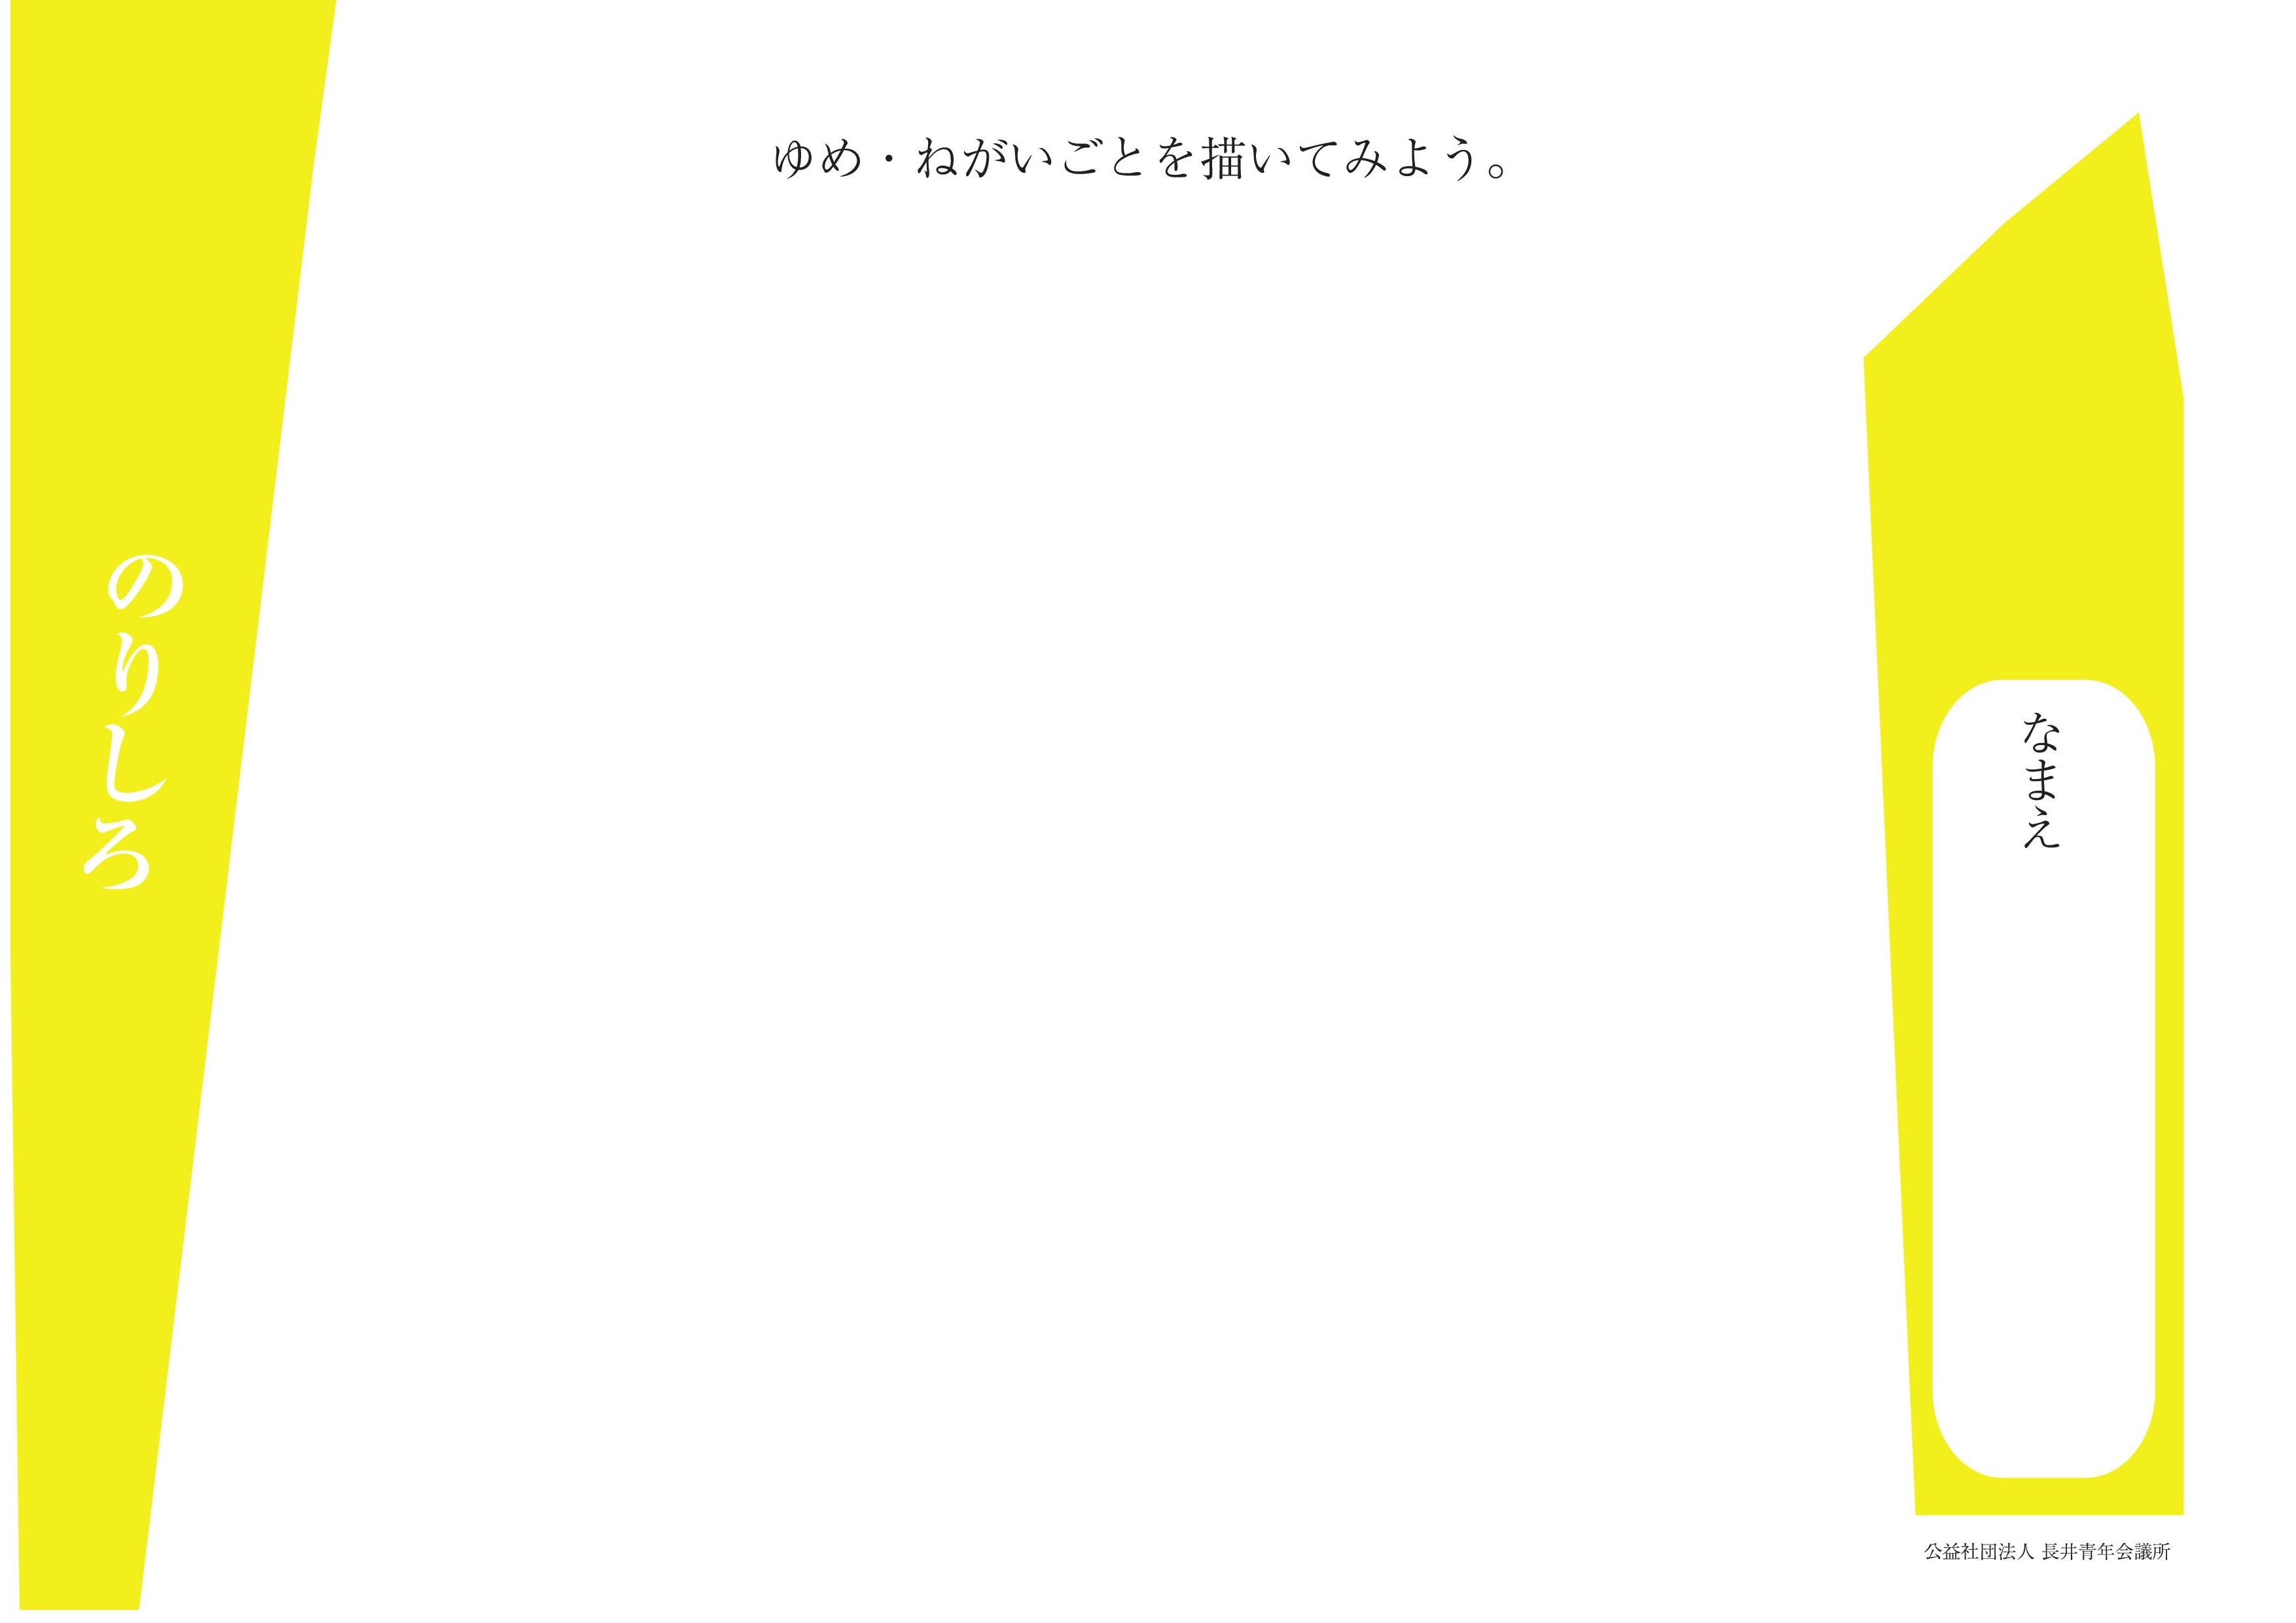 みんなで灯そう夢灯ランタン用紙はこちら:画像